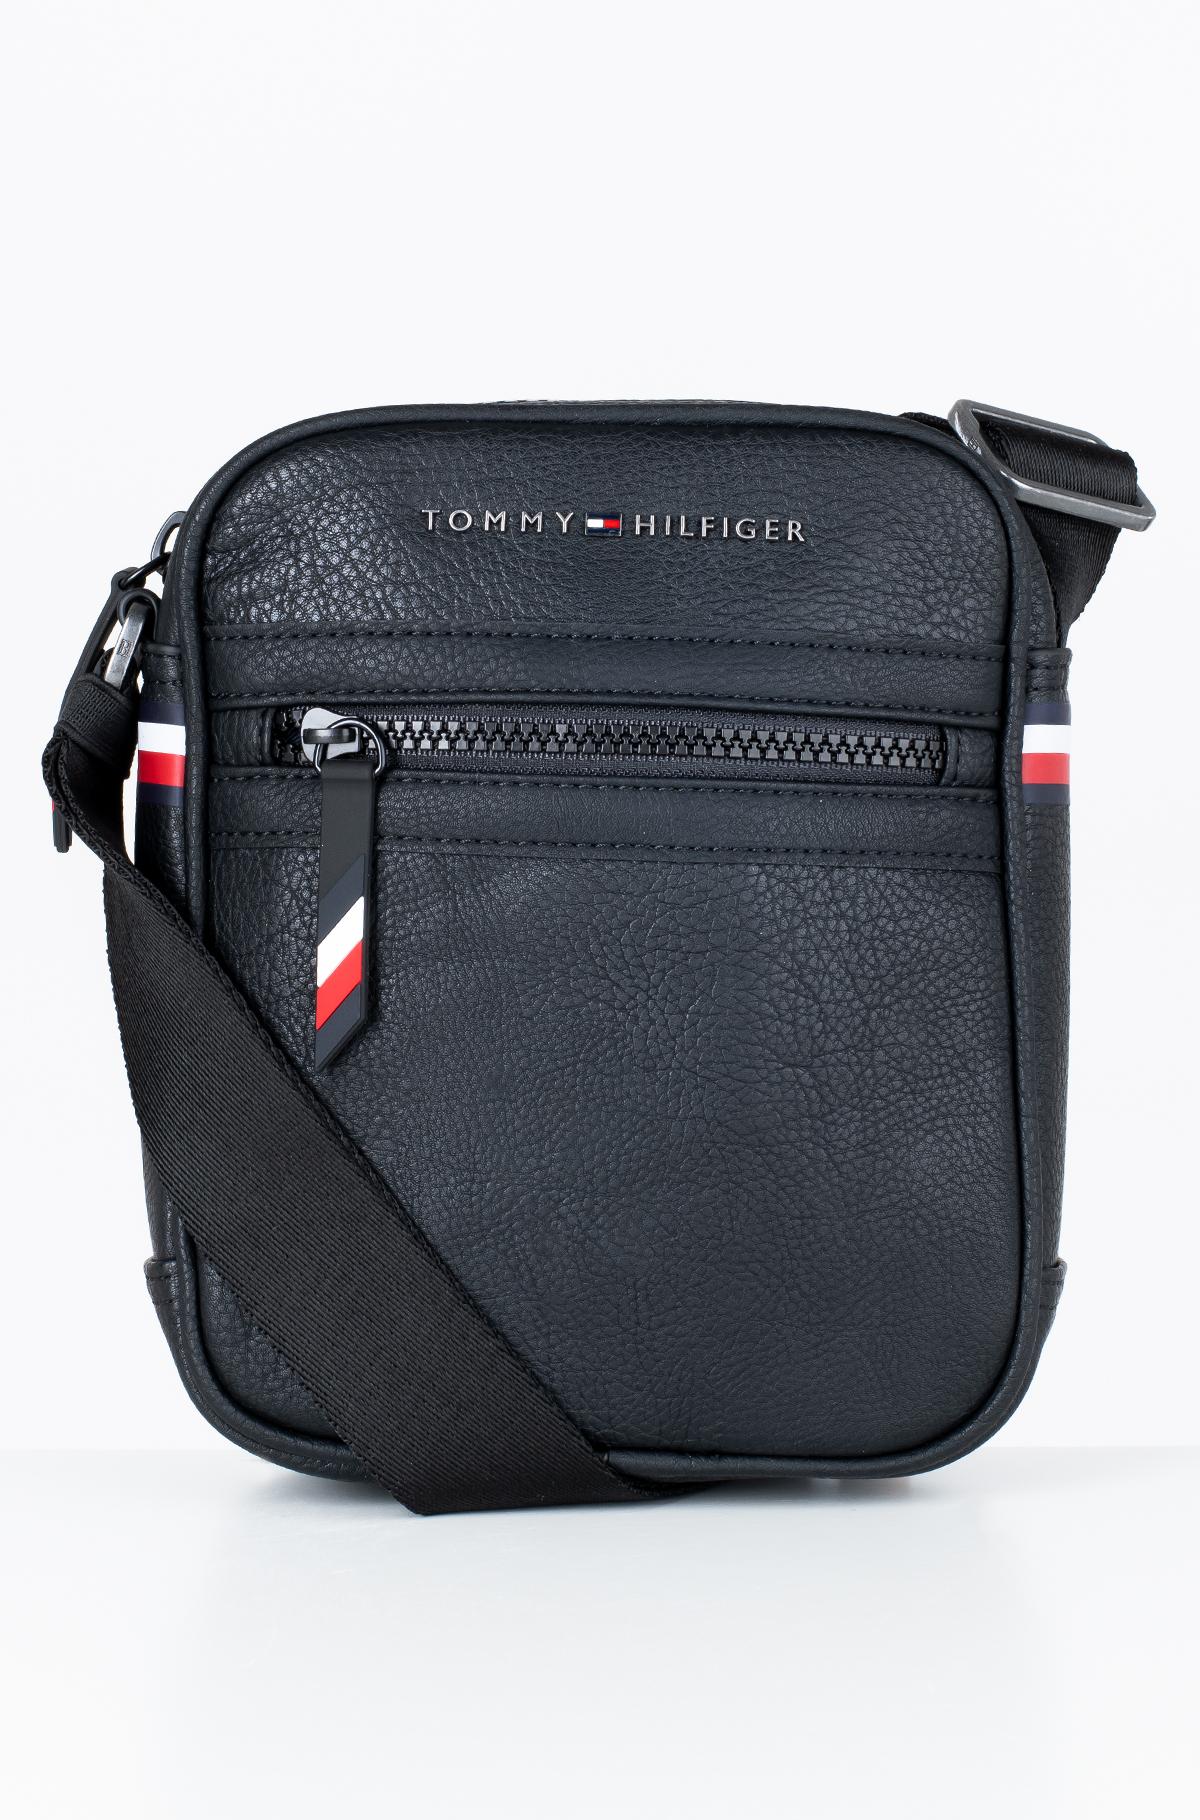 95108dce8 black Shoulder bag Essential Mini Reporter Tommy Hilfiger